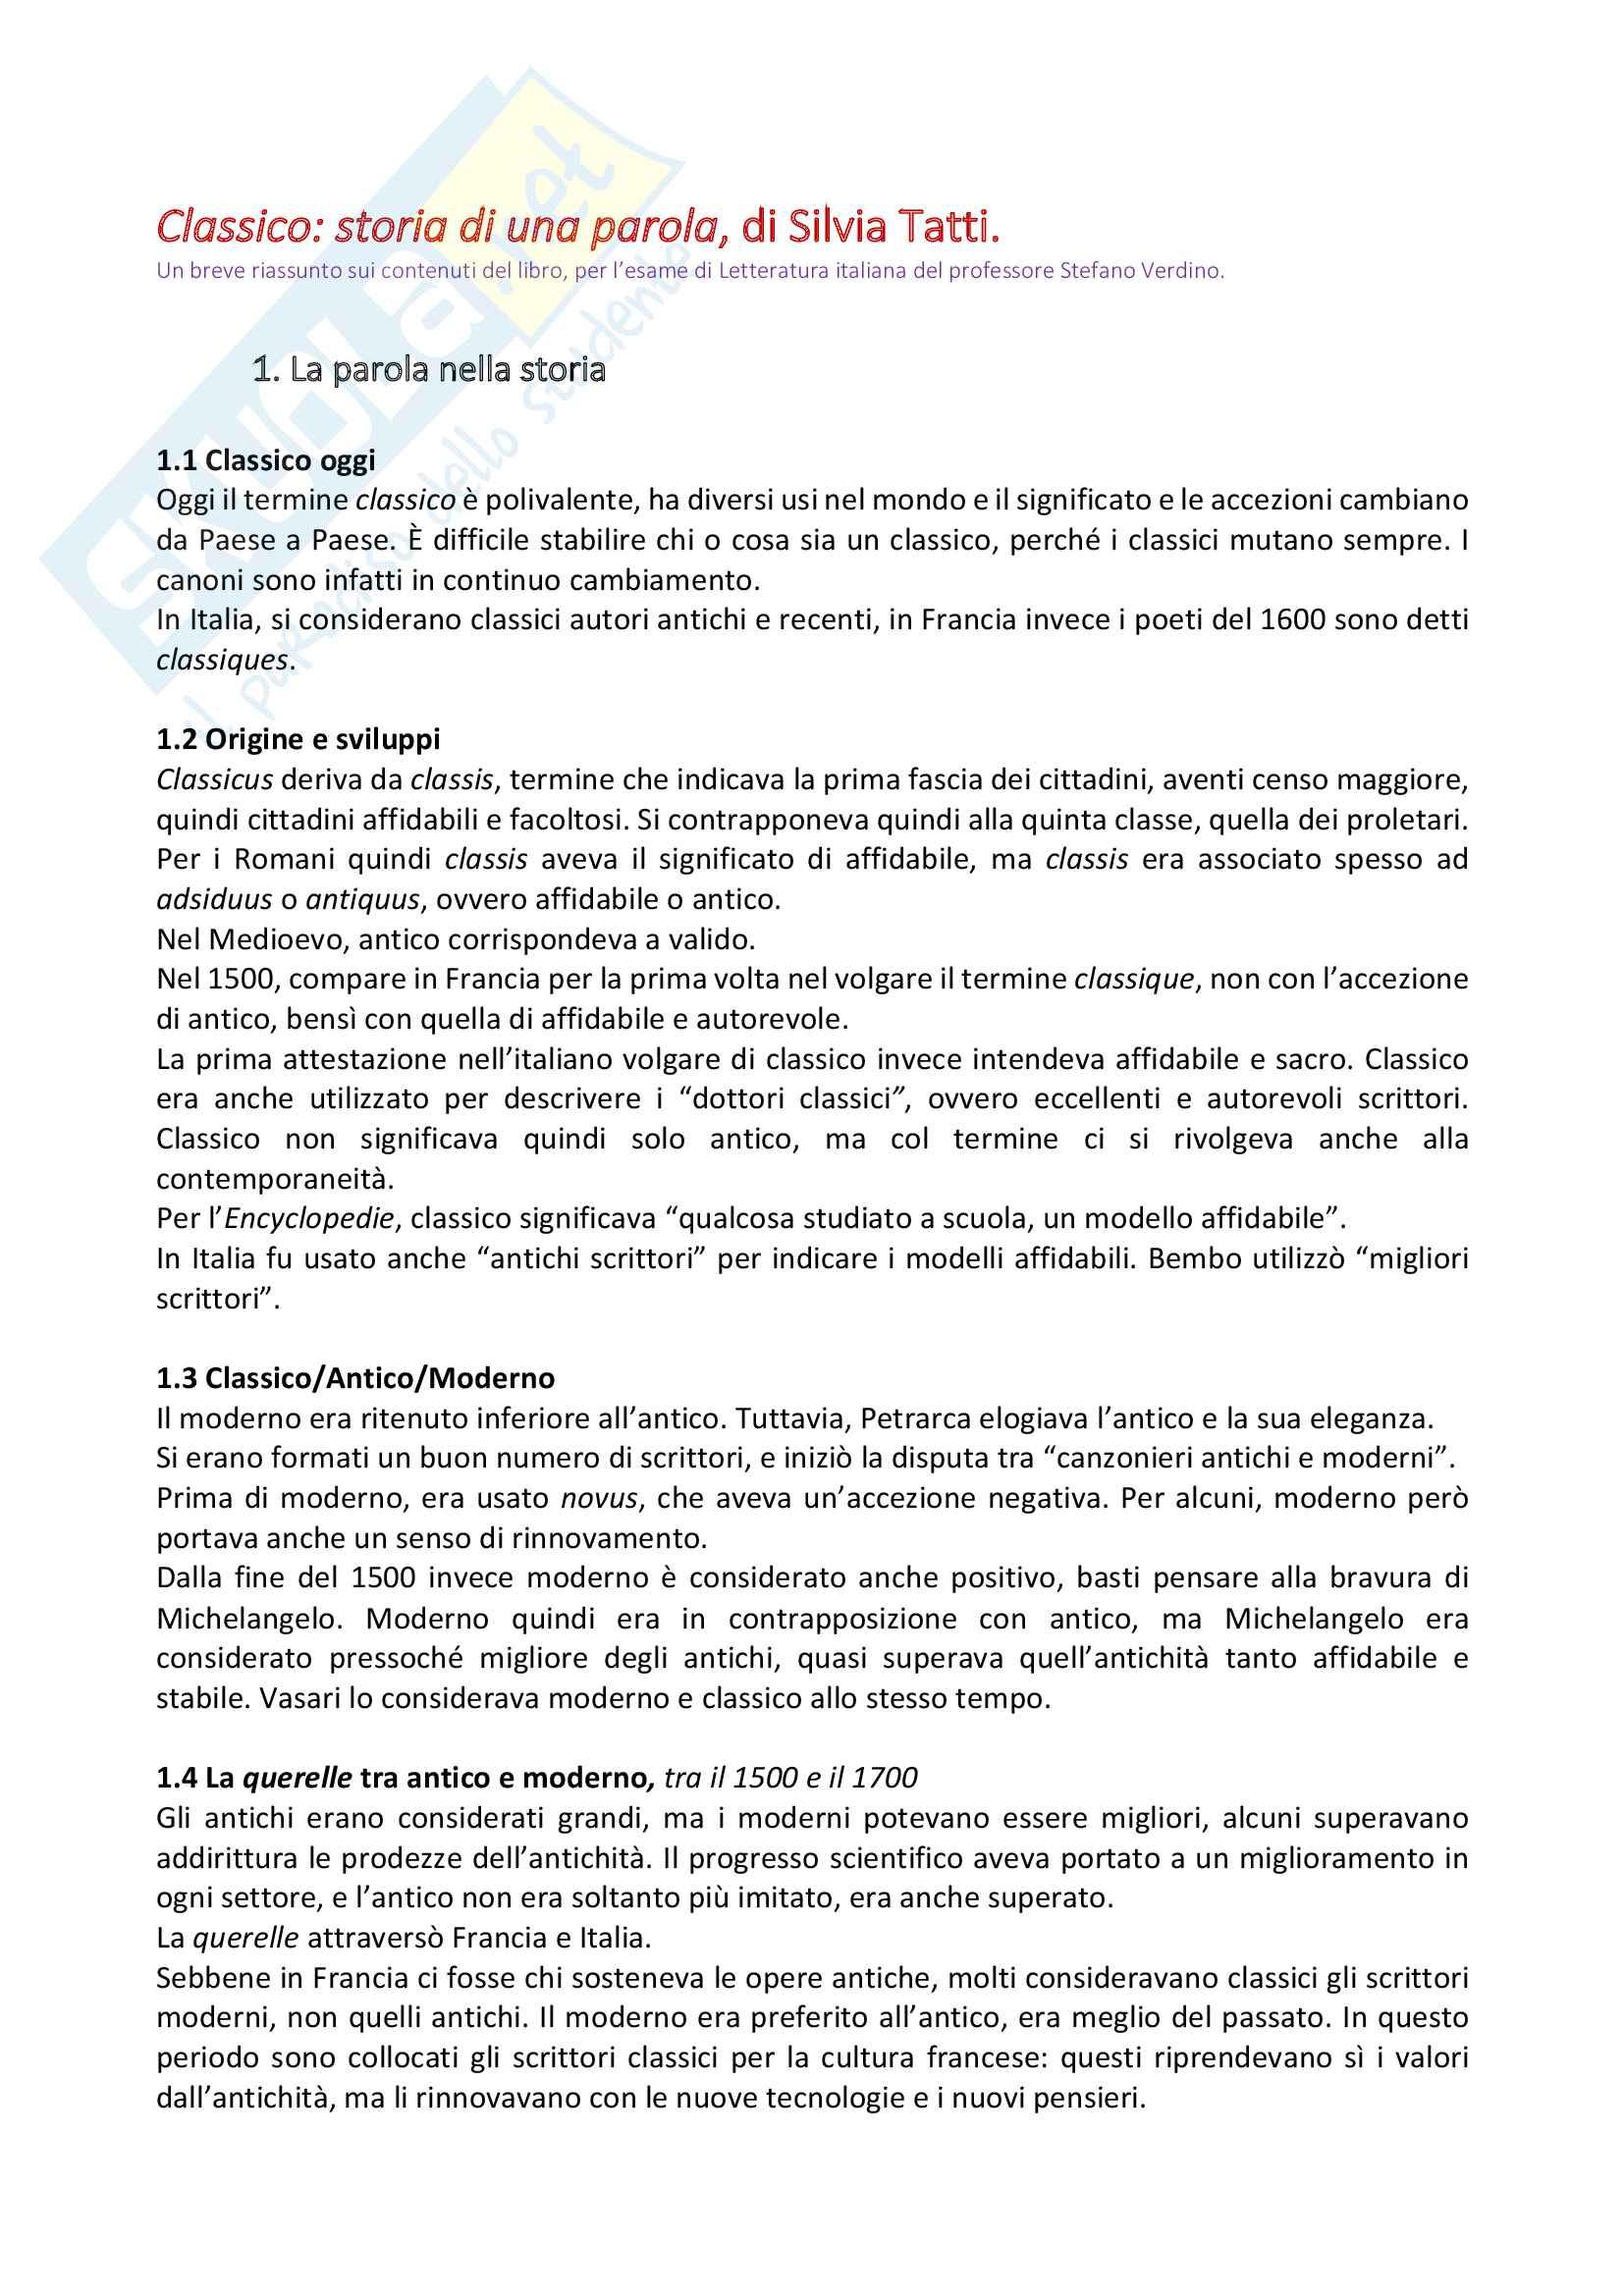 Riassunto esame letteratura italiana, docente Verdino,libro consigliato Classico storia di una parola, Tatti